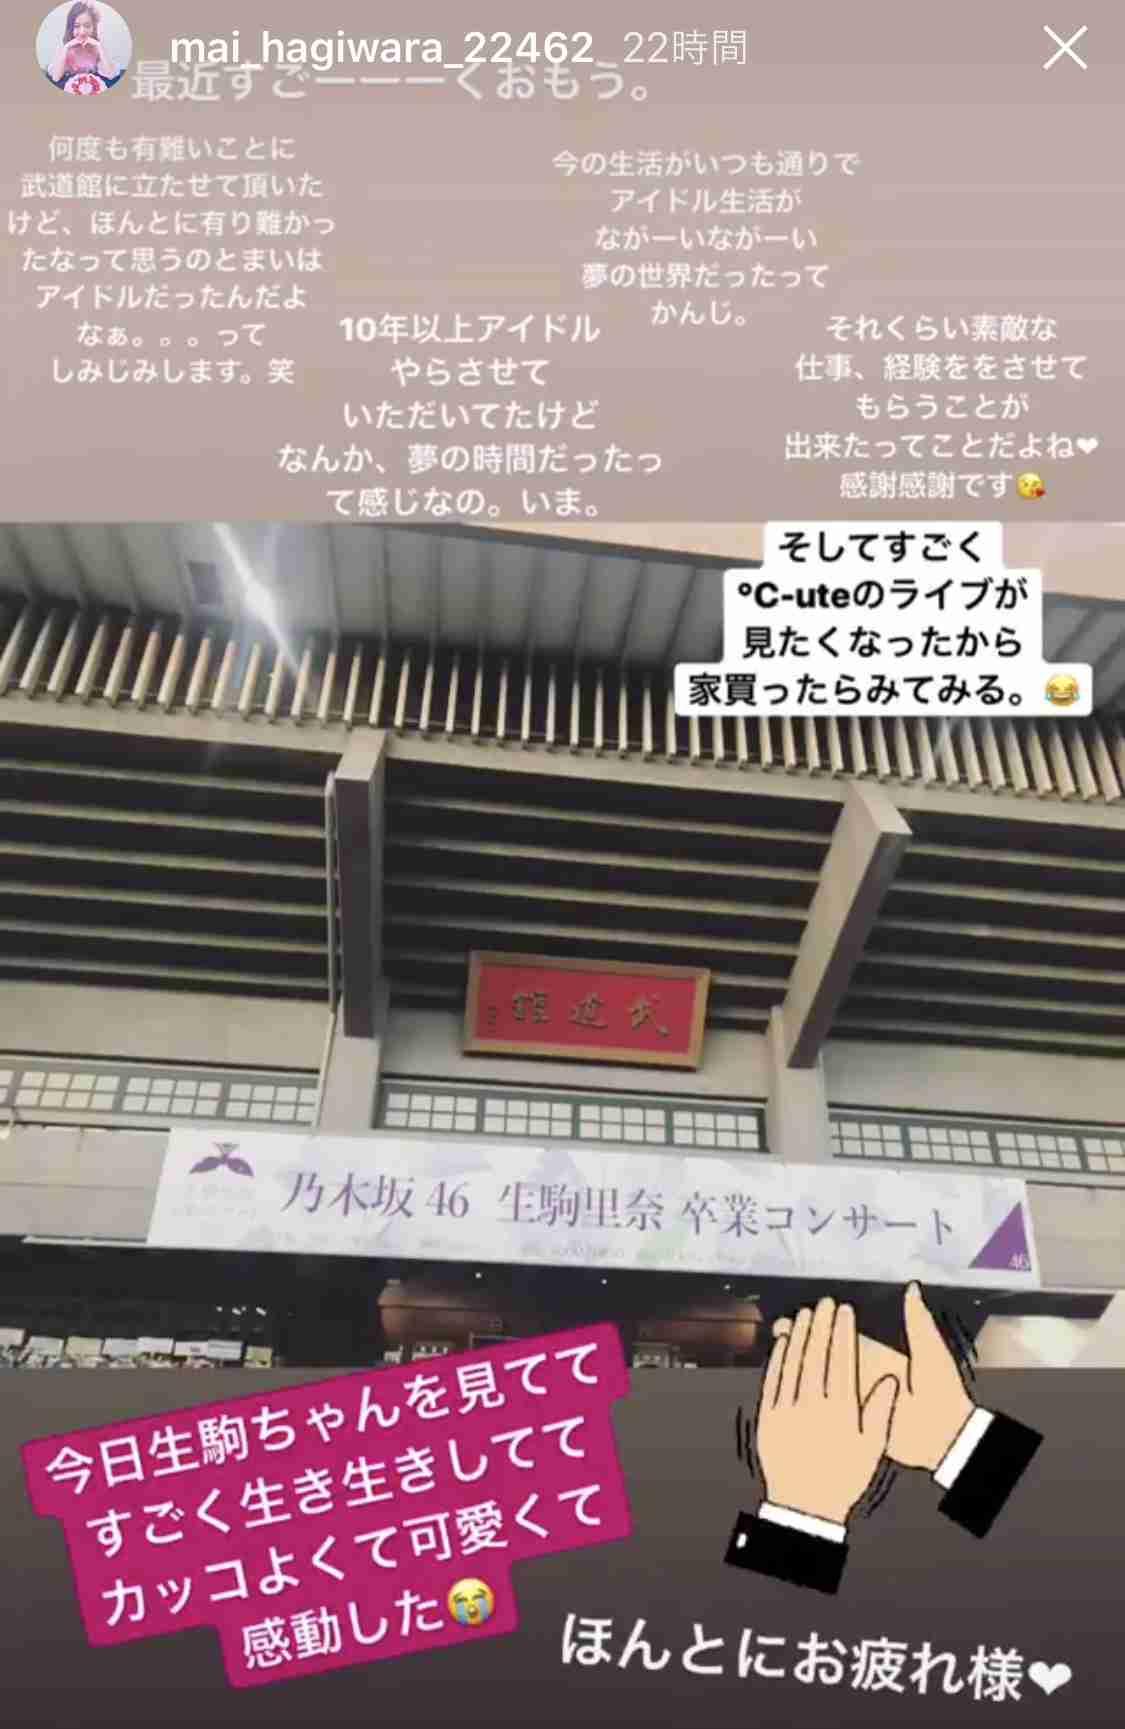 """渡辺麻友、親友・乃木坂46生駒里奈の卒業コンサート見届ける """"いこまゆ""""密着ショット公開"""